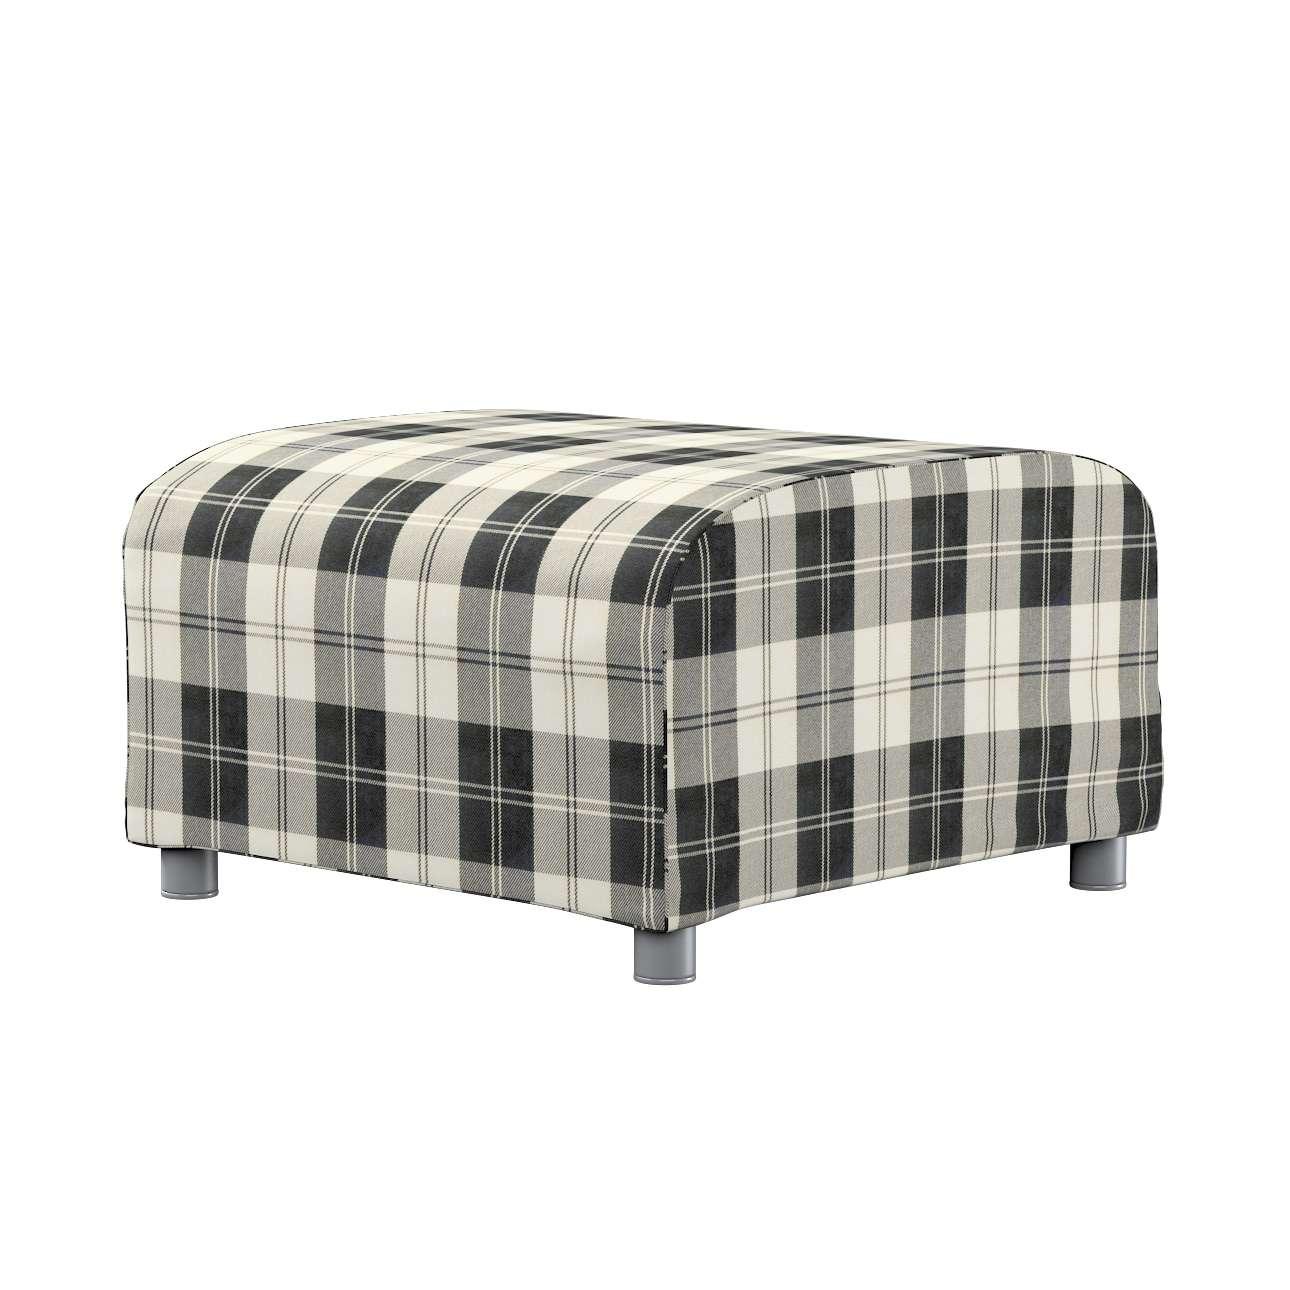 KLIPPAN pufo užvalkalas Klippan footstool cover kolekcijoje Edinburgh , audinys: 115-74